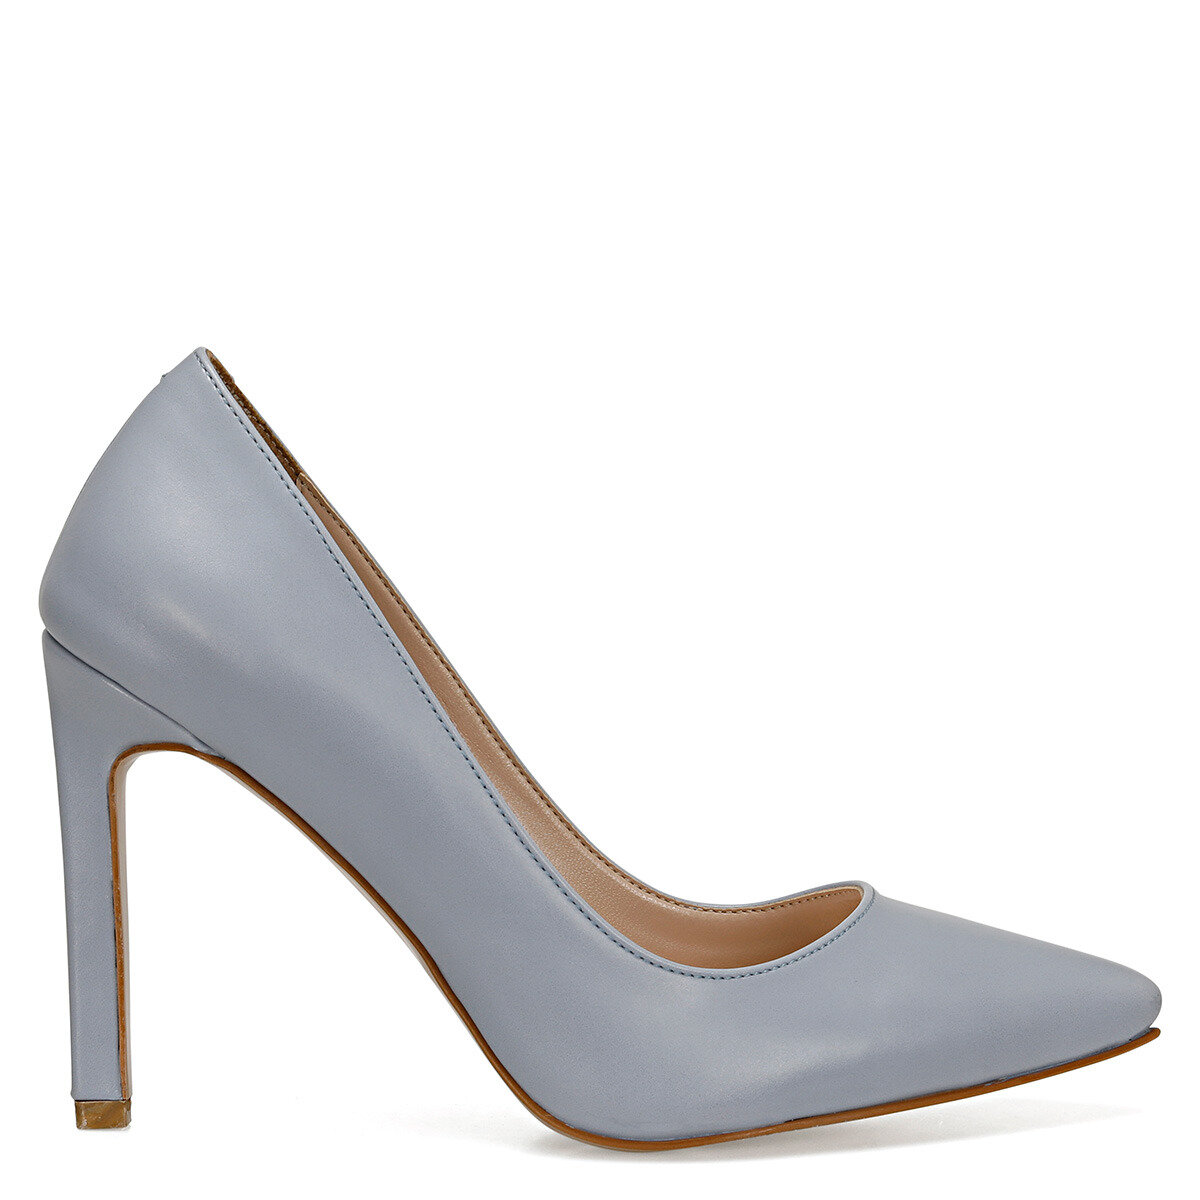 RAINA Mavi Kadın Stiletto